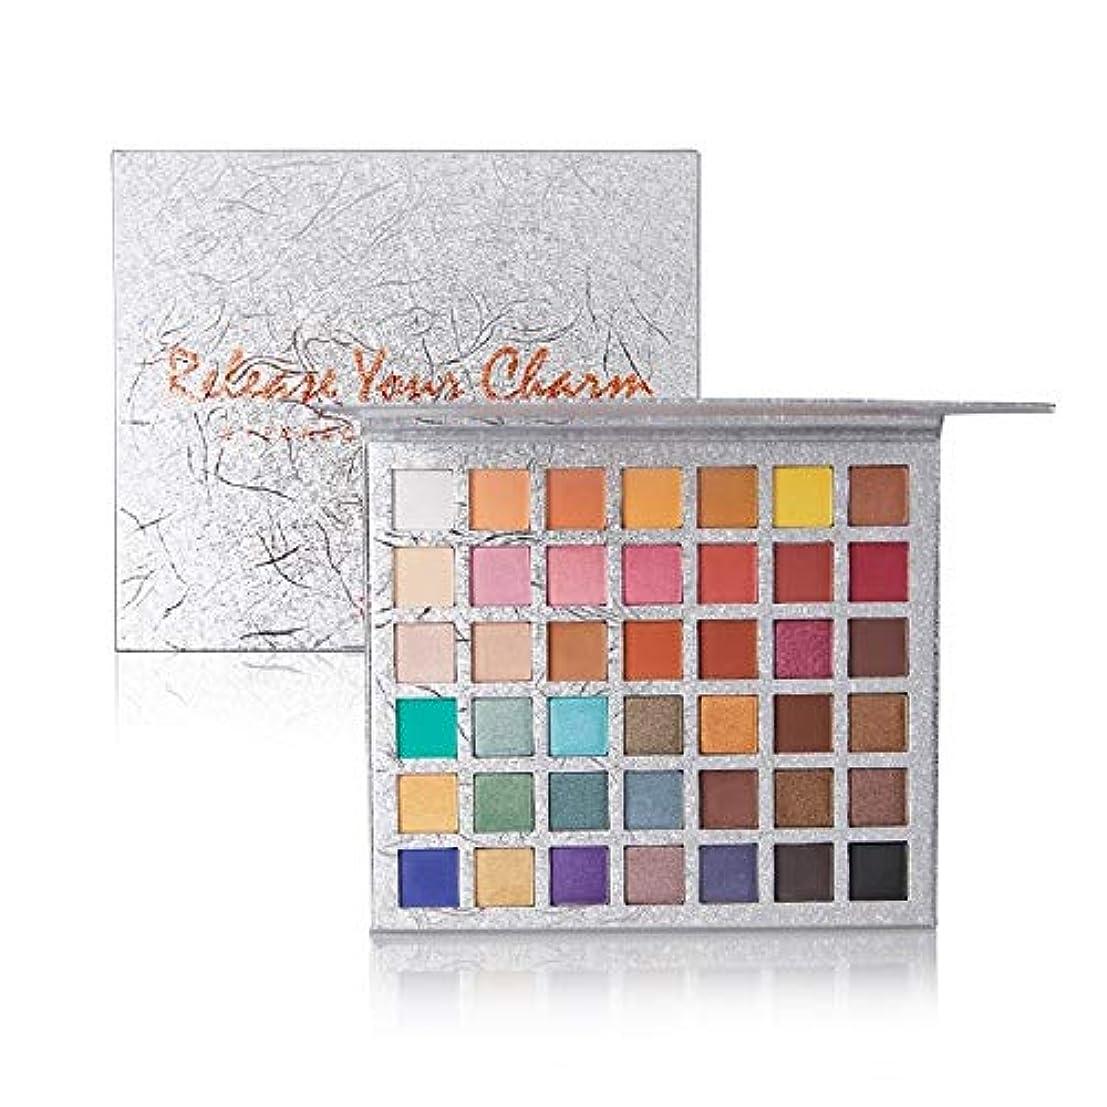 高層ビル蒸留硬い42 Colors Eyeshadow Pallete Glitter Makeup Matte Eye shadow Long-lasting Make Up Palette Maquillage Paleta De...